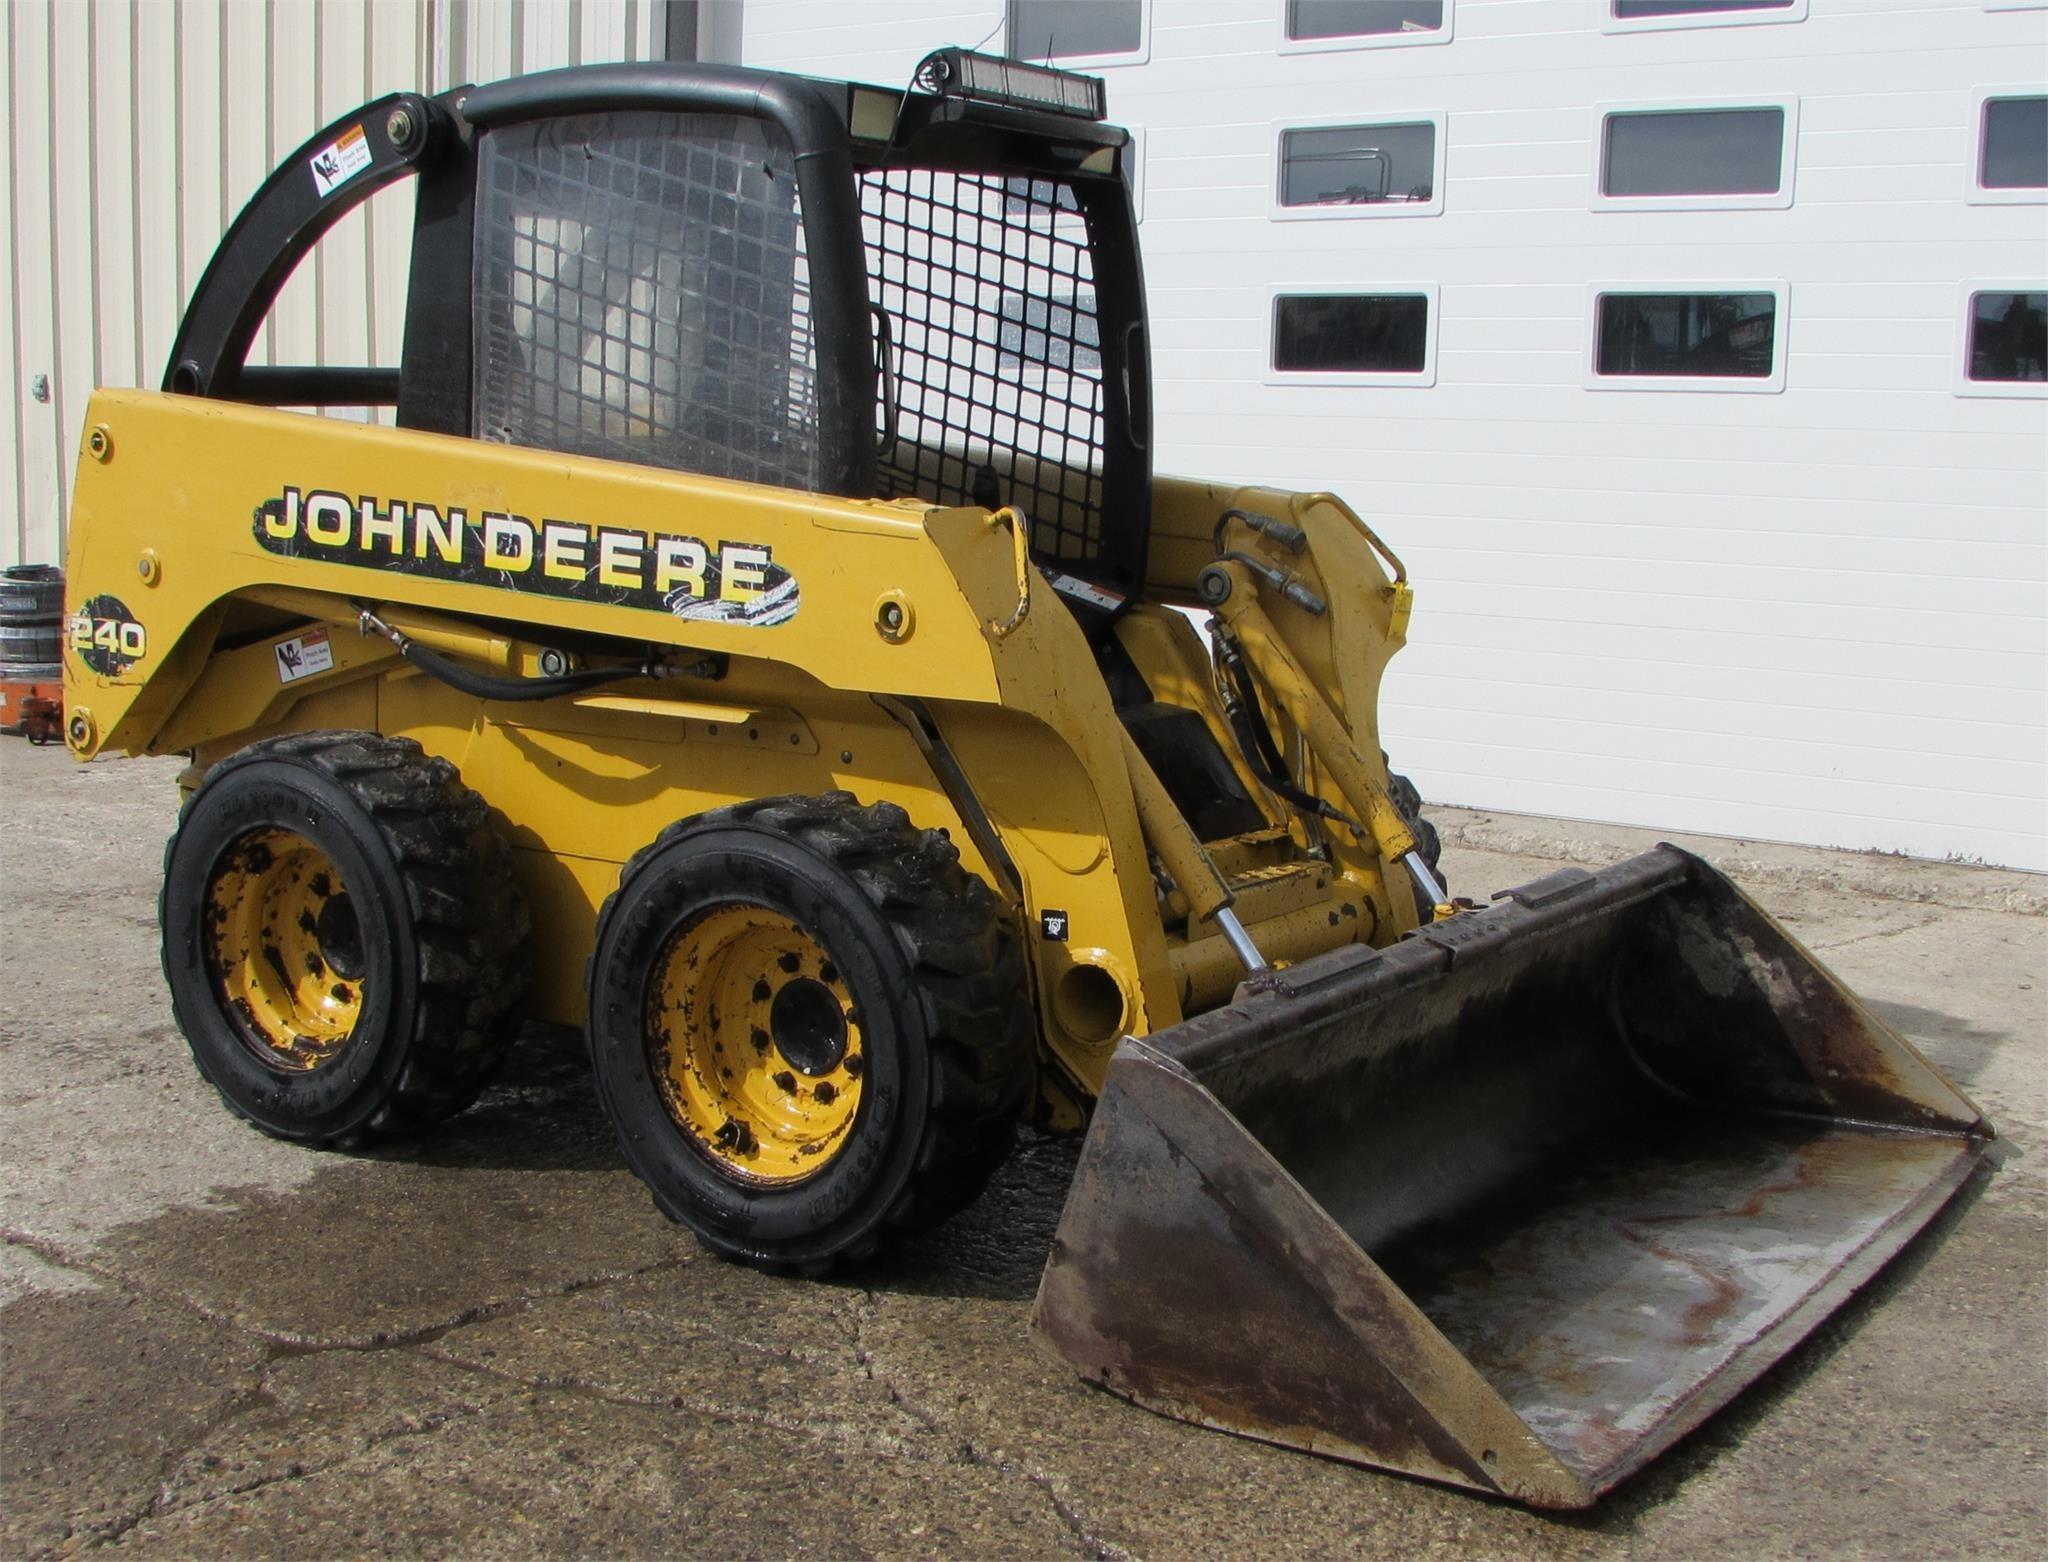 1999 Deere 240 Skid Steer